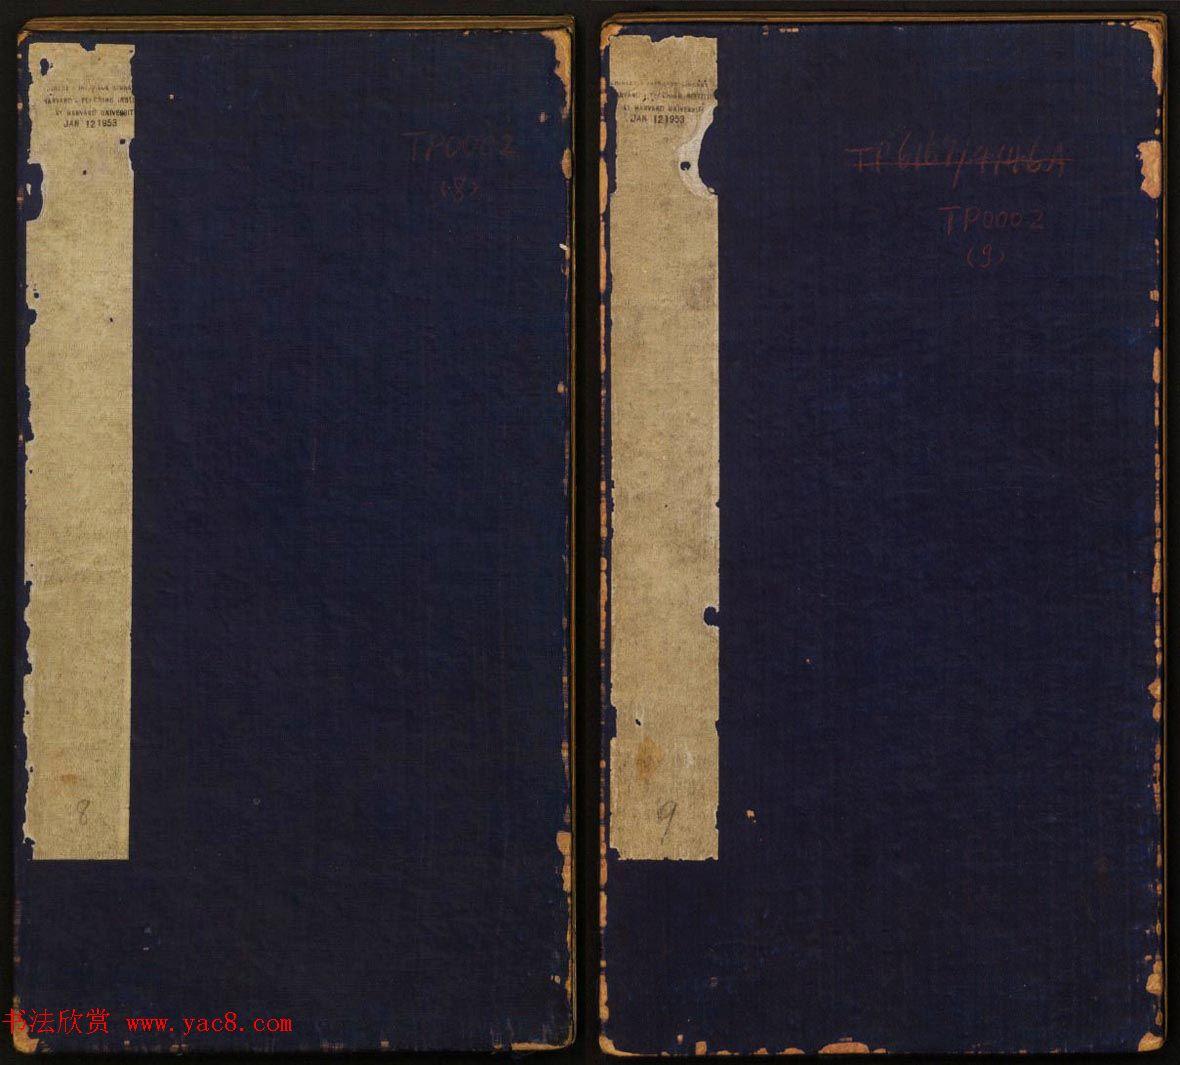 善本碑帖《戏鸿堂法帖》卷八卷九合辑